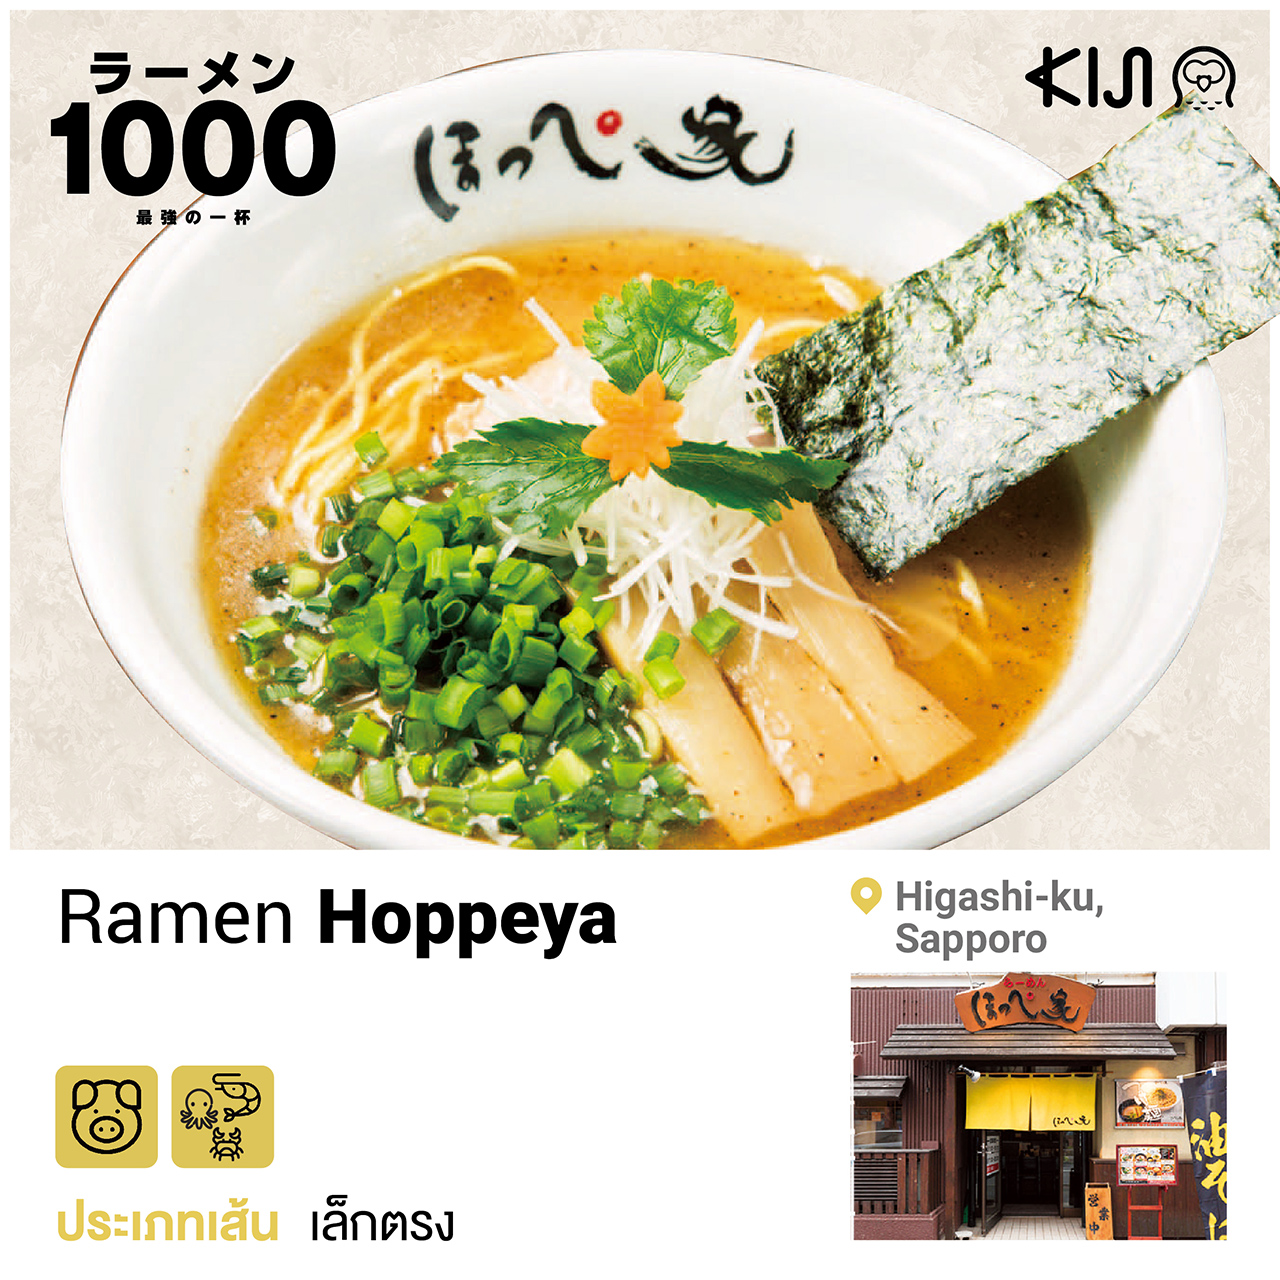 ร้านราเมน เขตฮิกาชิ เมืองซัปโปโร จ.ฮอกไกโด - Ramen Hoppeya